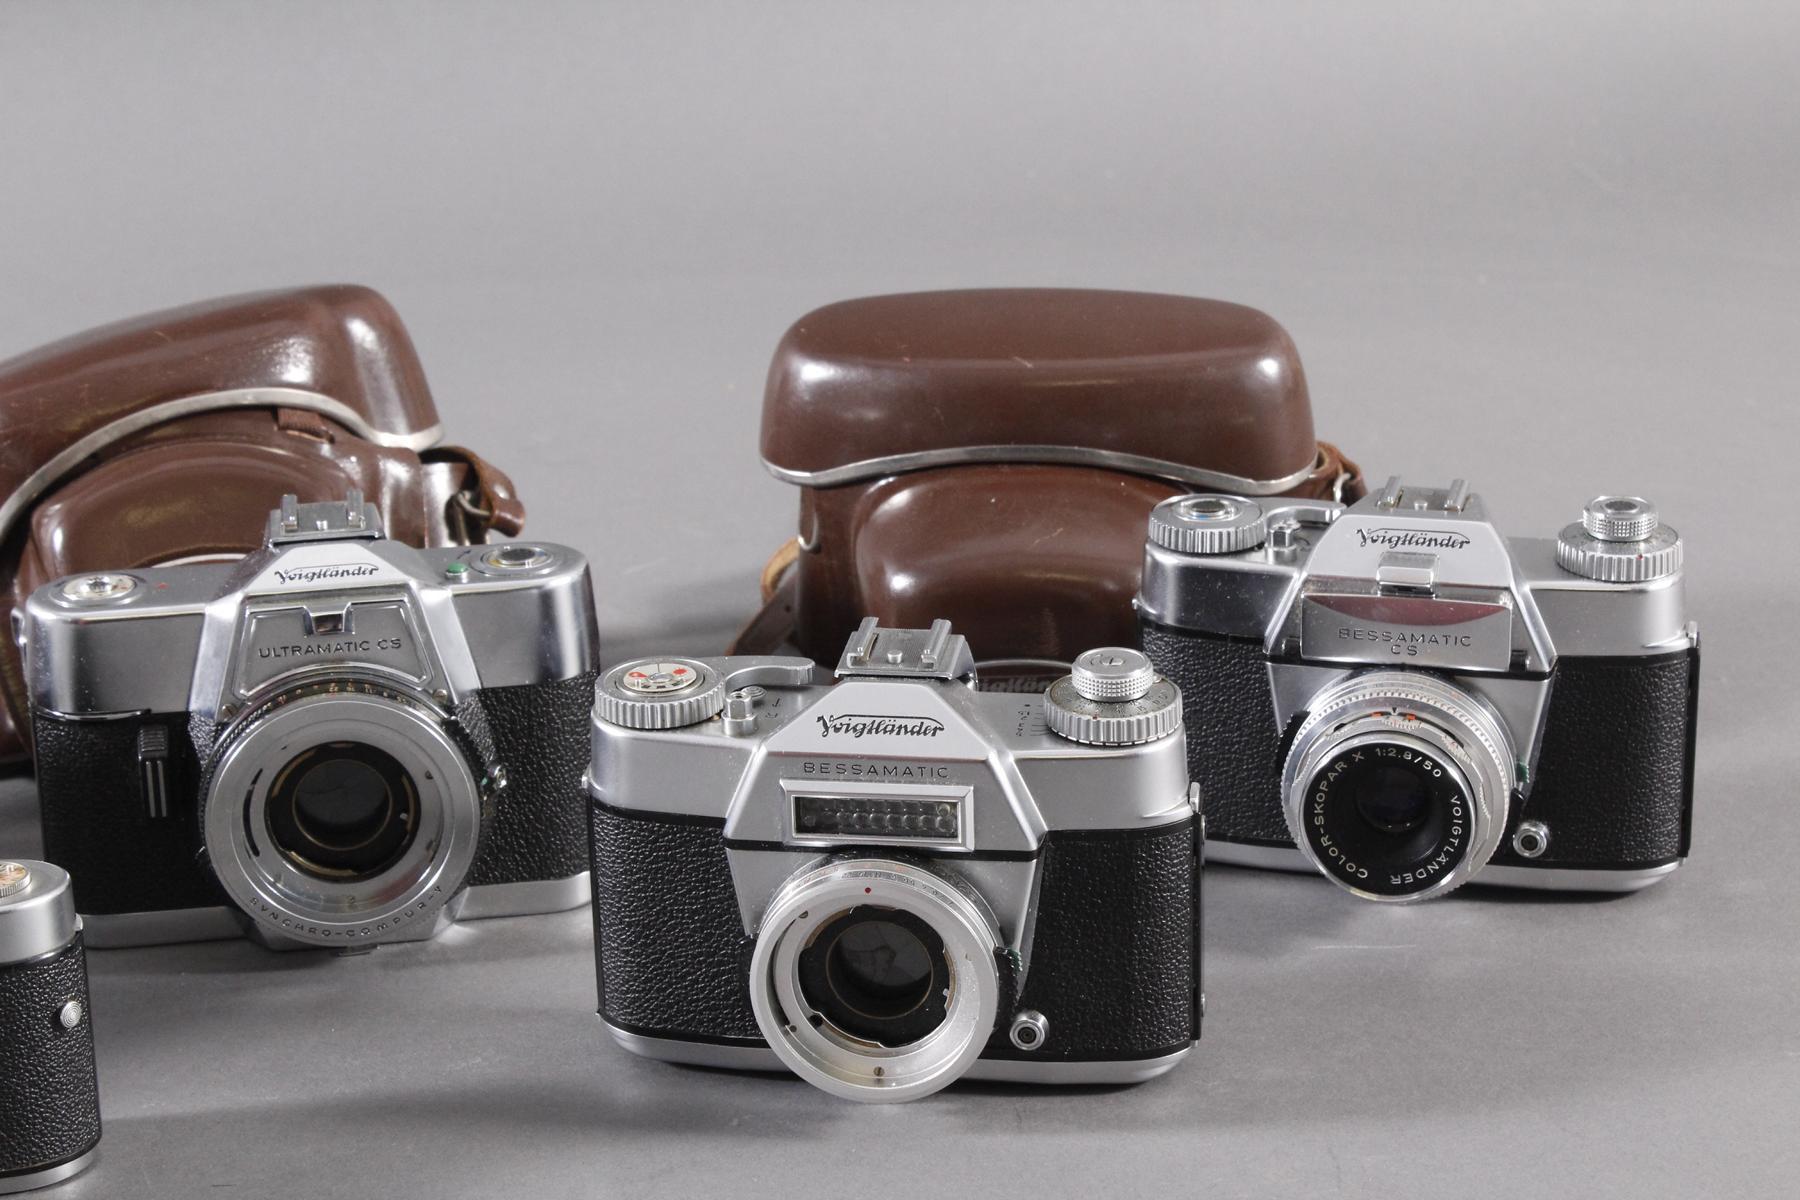 Fünf Fotoapparate/ Kameras, Voigtländer-3